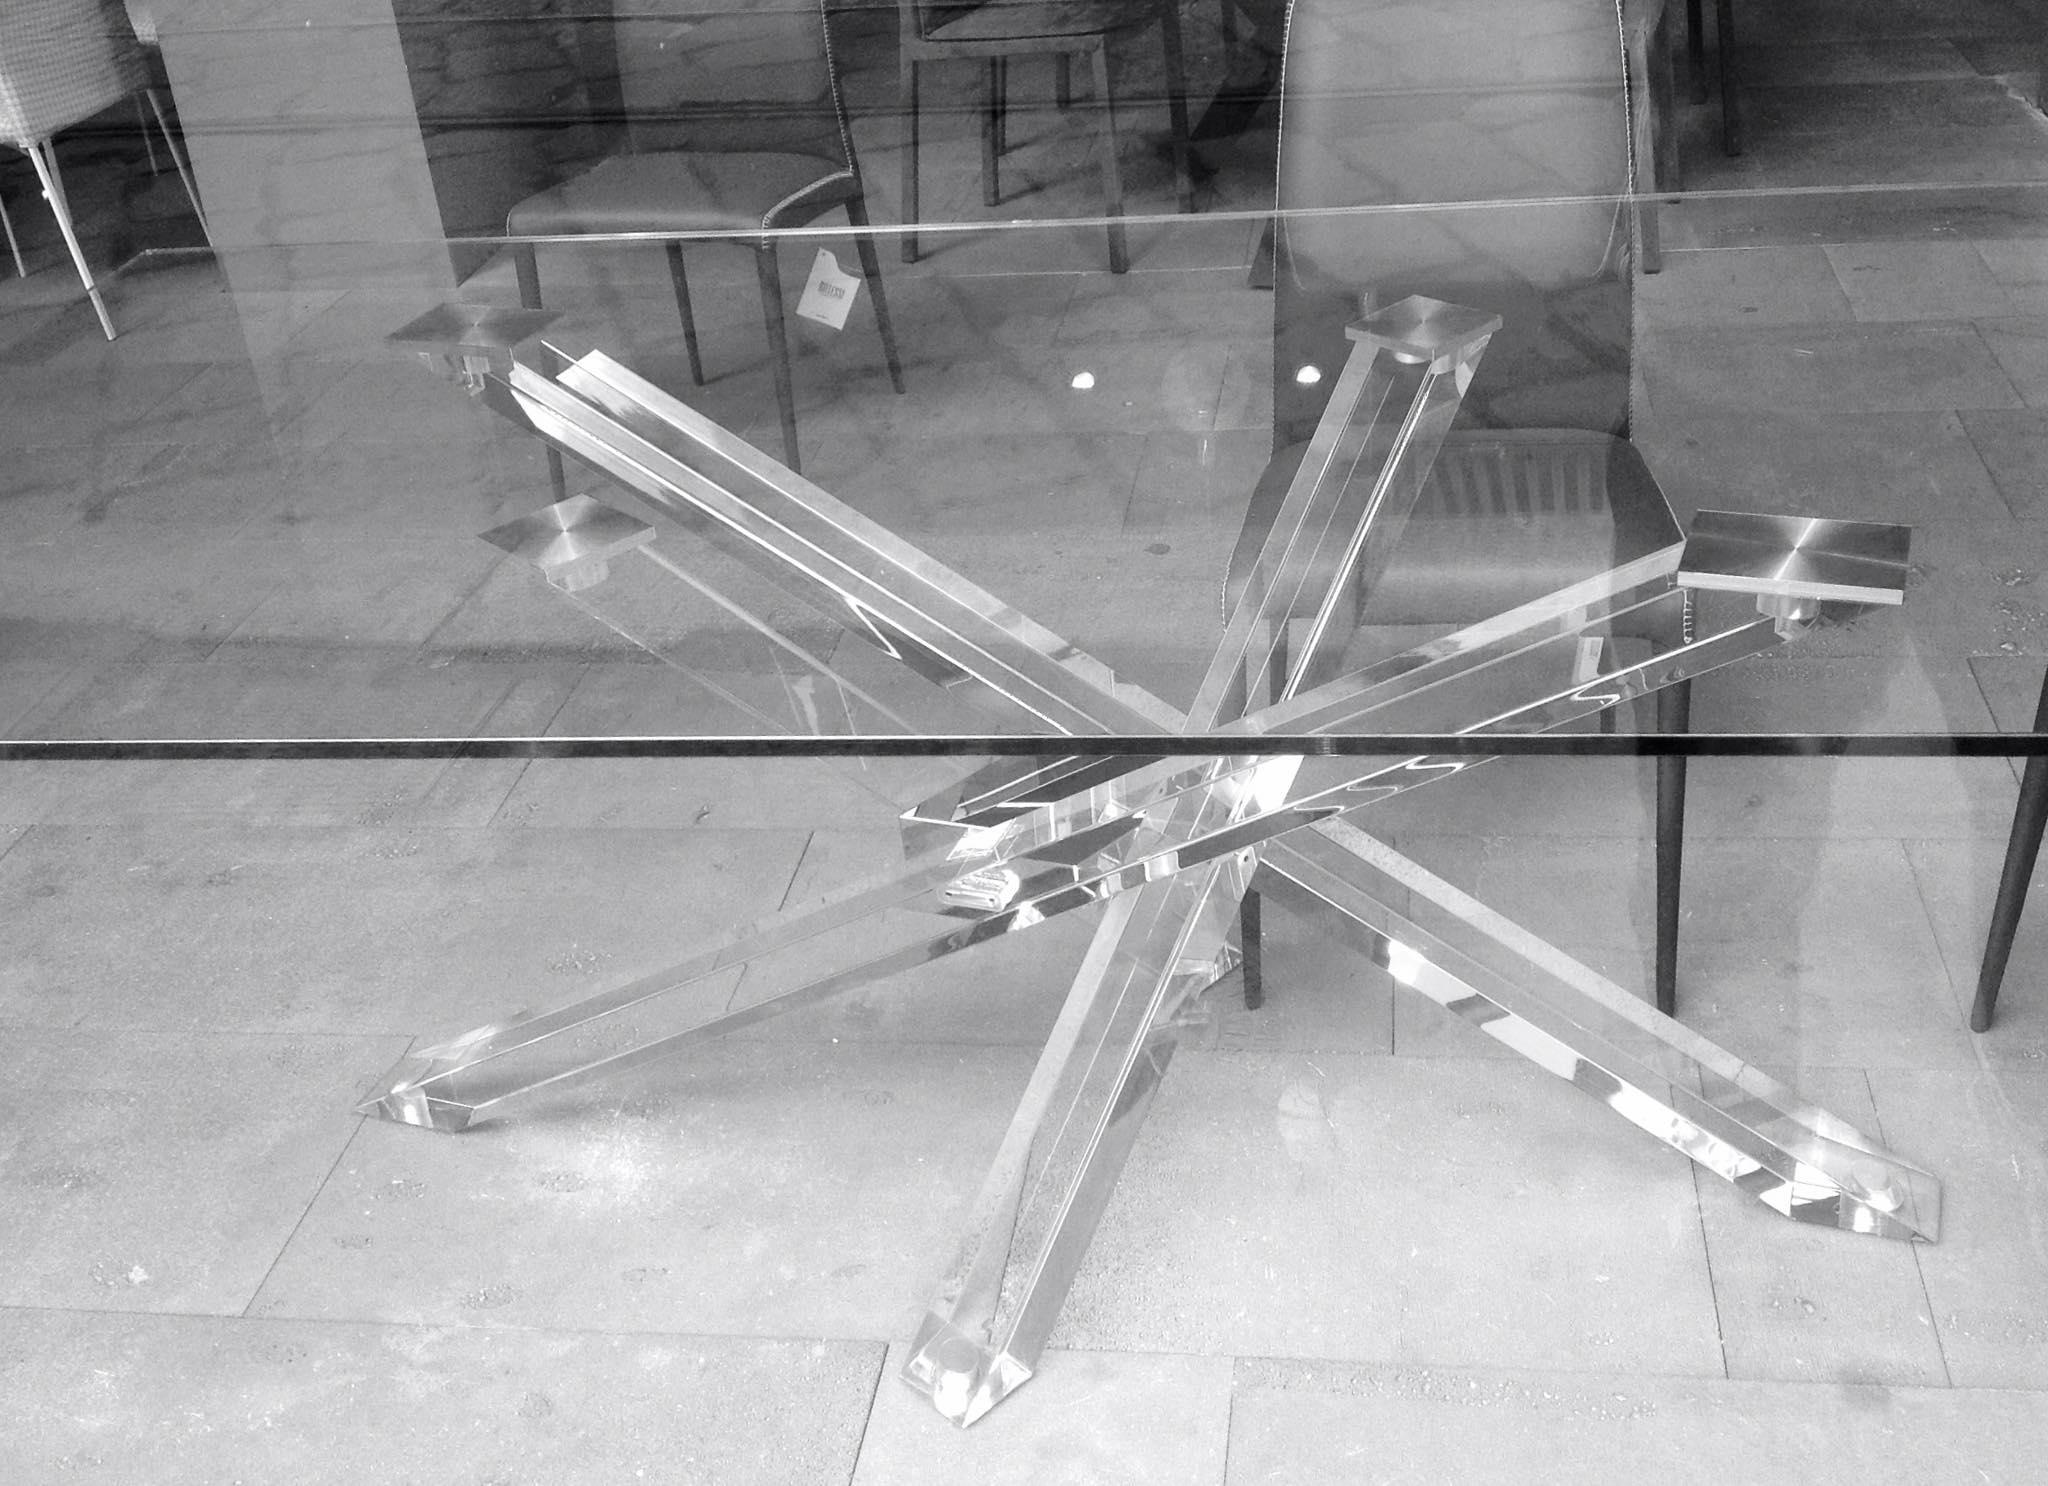 Consolle shangai riflessi le novit per il salone del mobile for Tavolo riflessi cristallo